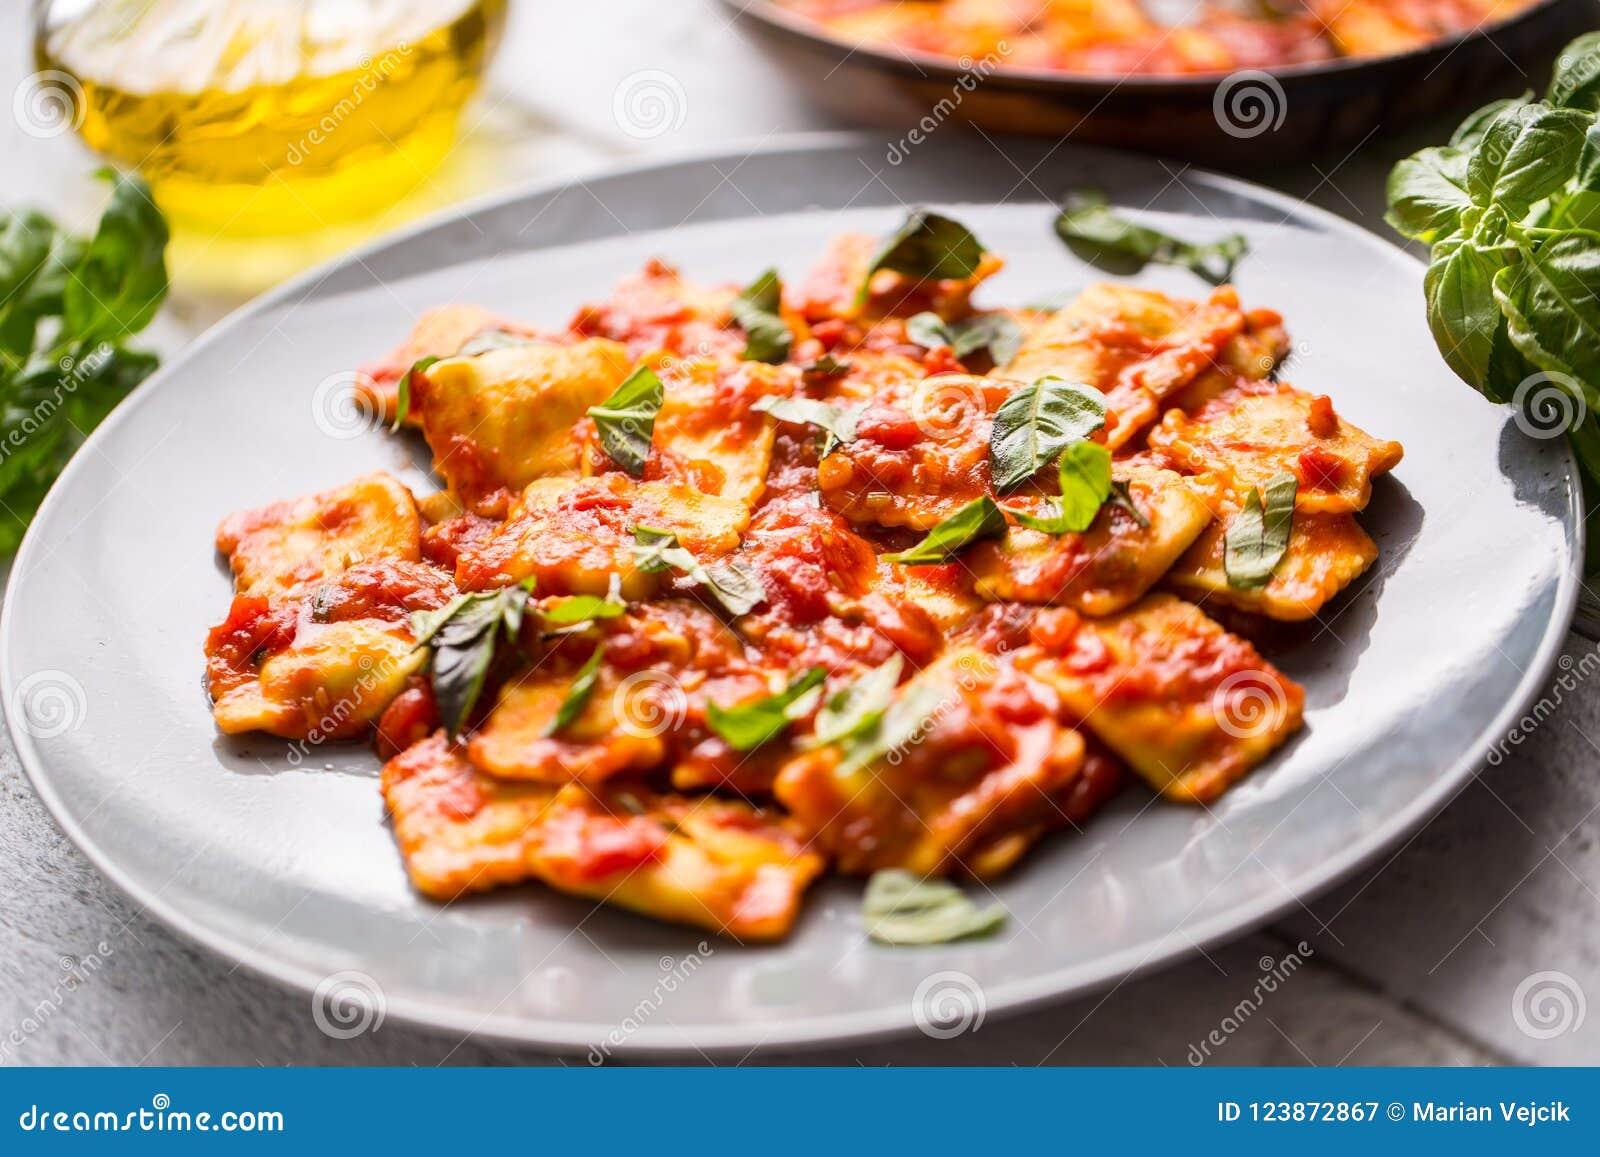 Ravioli italiano ou mediterrâneo da massa do alimento do molho de tomate